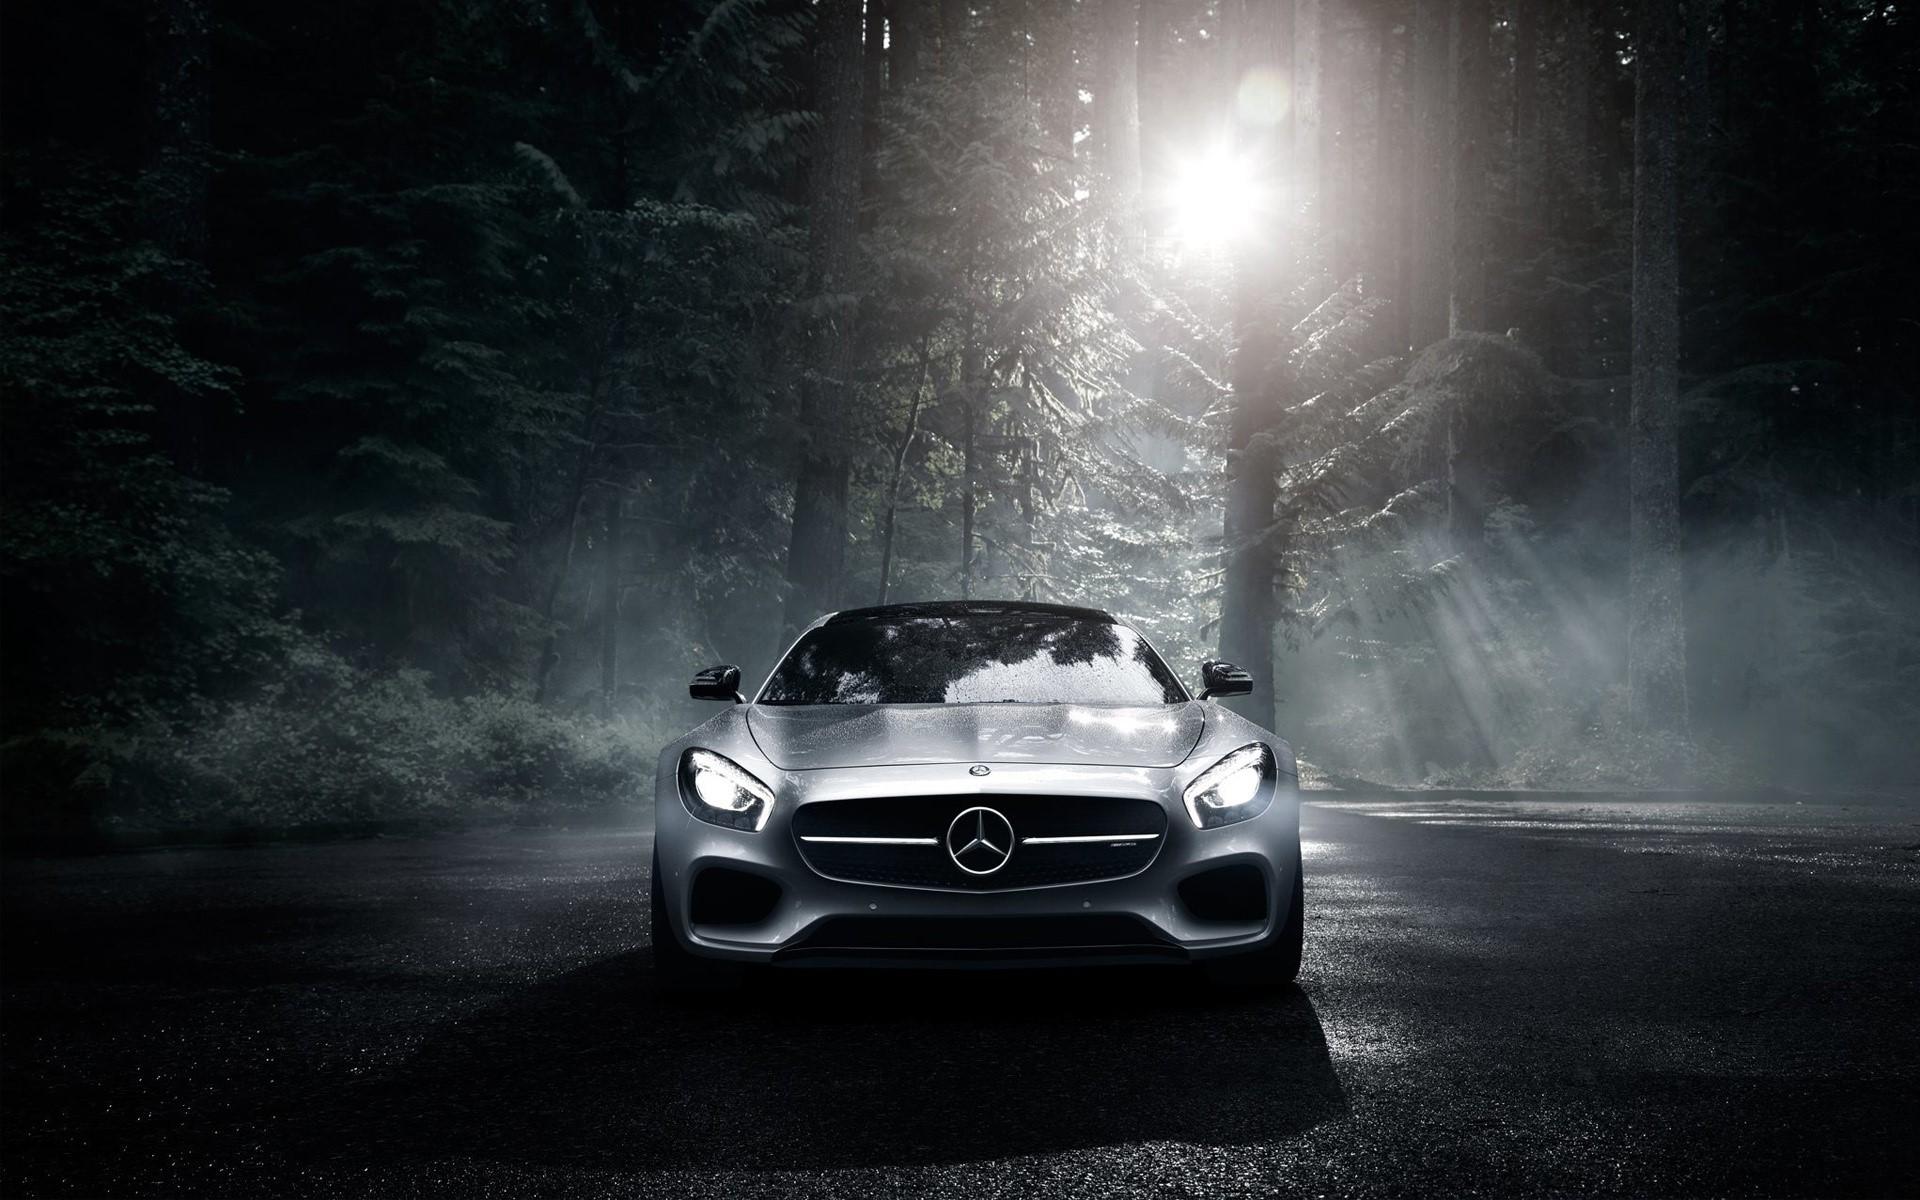 Fondo de pantalla de Mercedes benz AMG GT S Imágenes